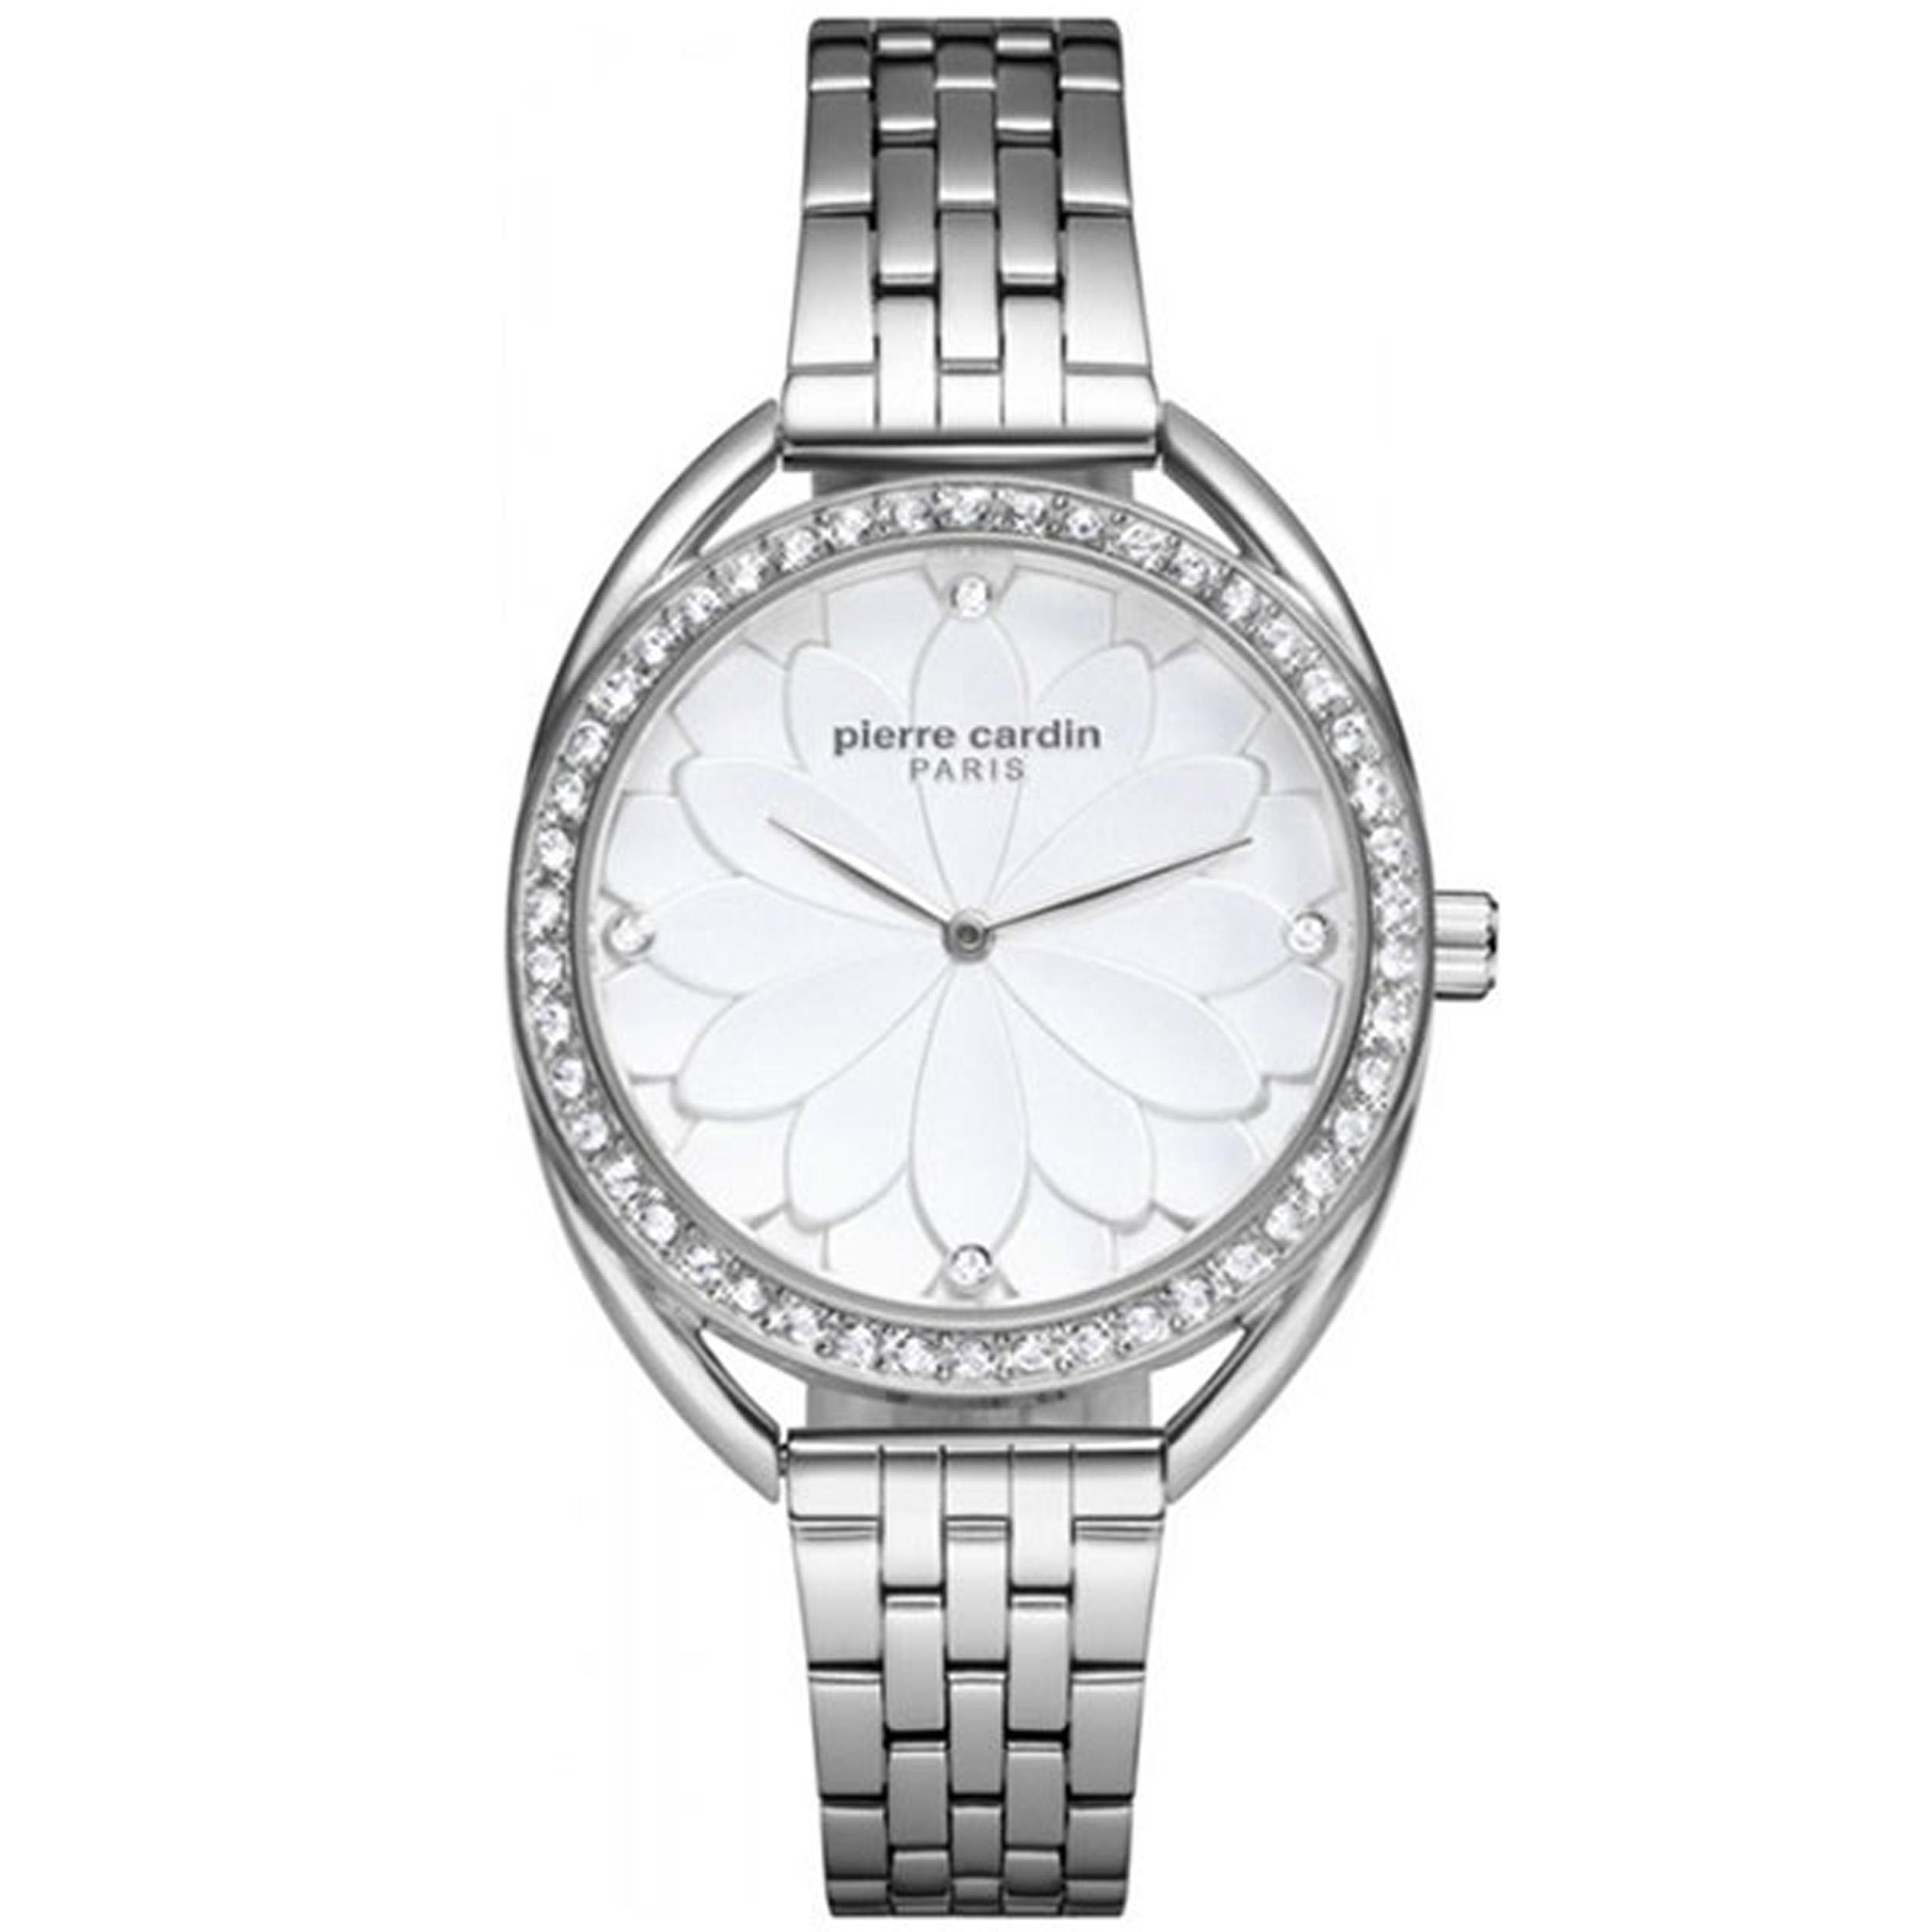 ساعت زنانه برند پیر کاردین مدل PC902392F04